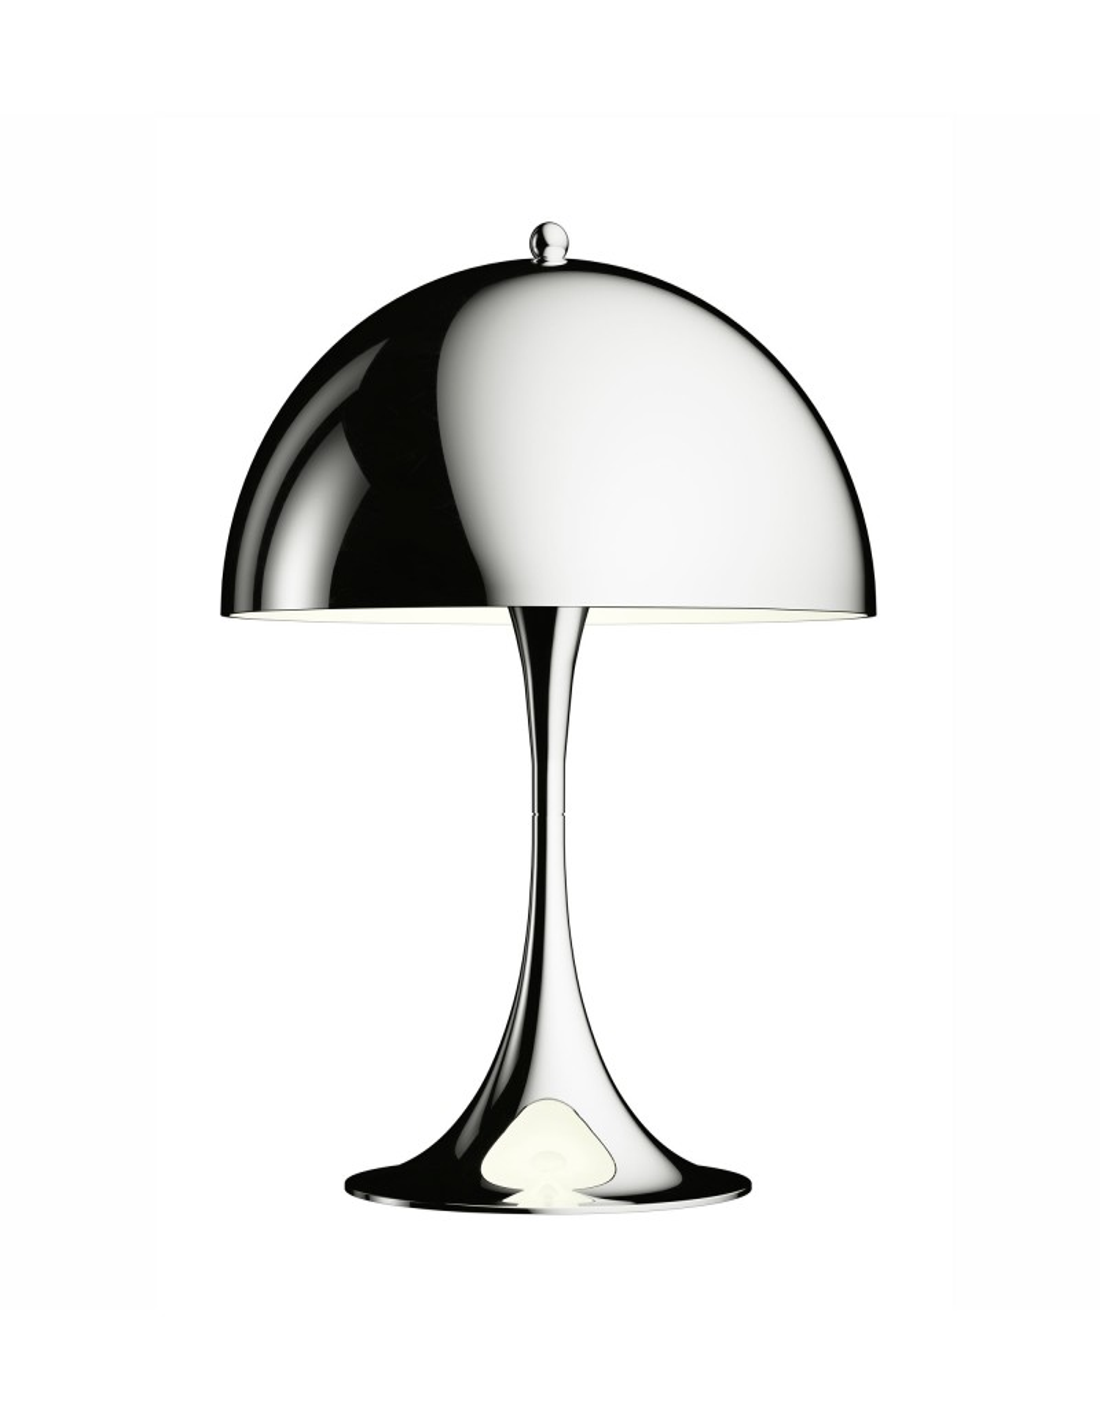 Lampe De Table Panton Louis Panthella Verner Pour Mini Poulsen K1JFcl